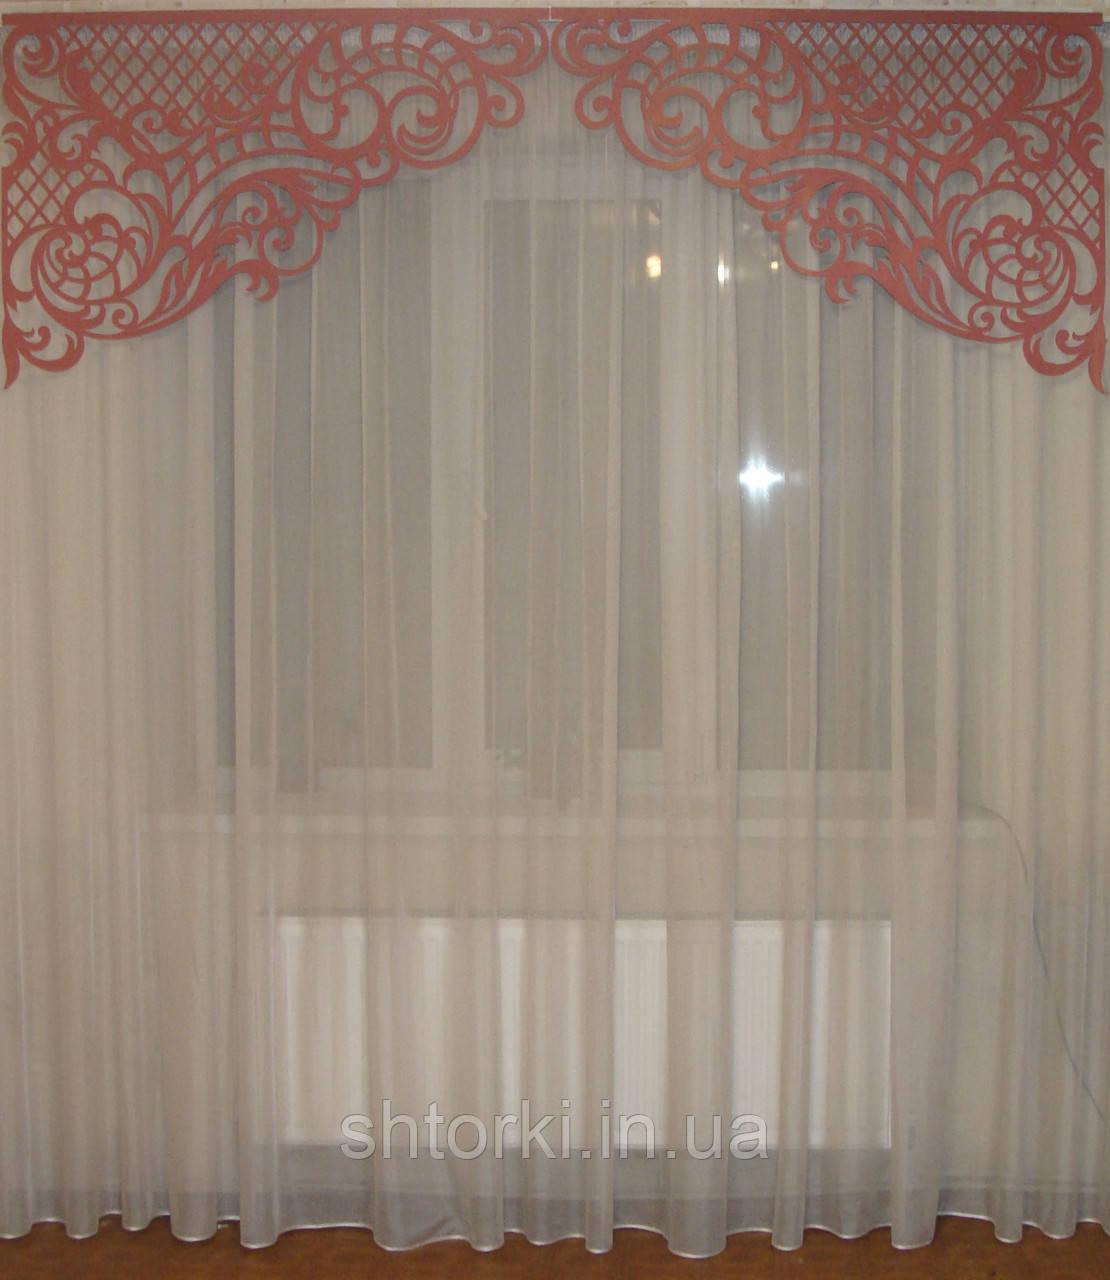 Ажурный жесткий ламбрекен розовый, 2,30м